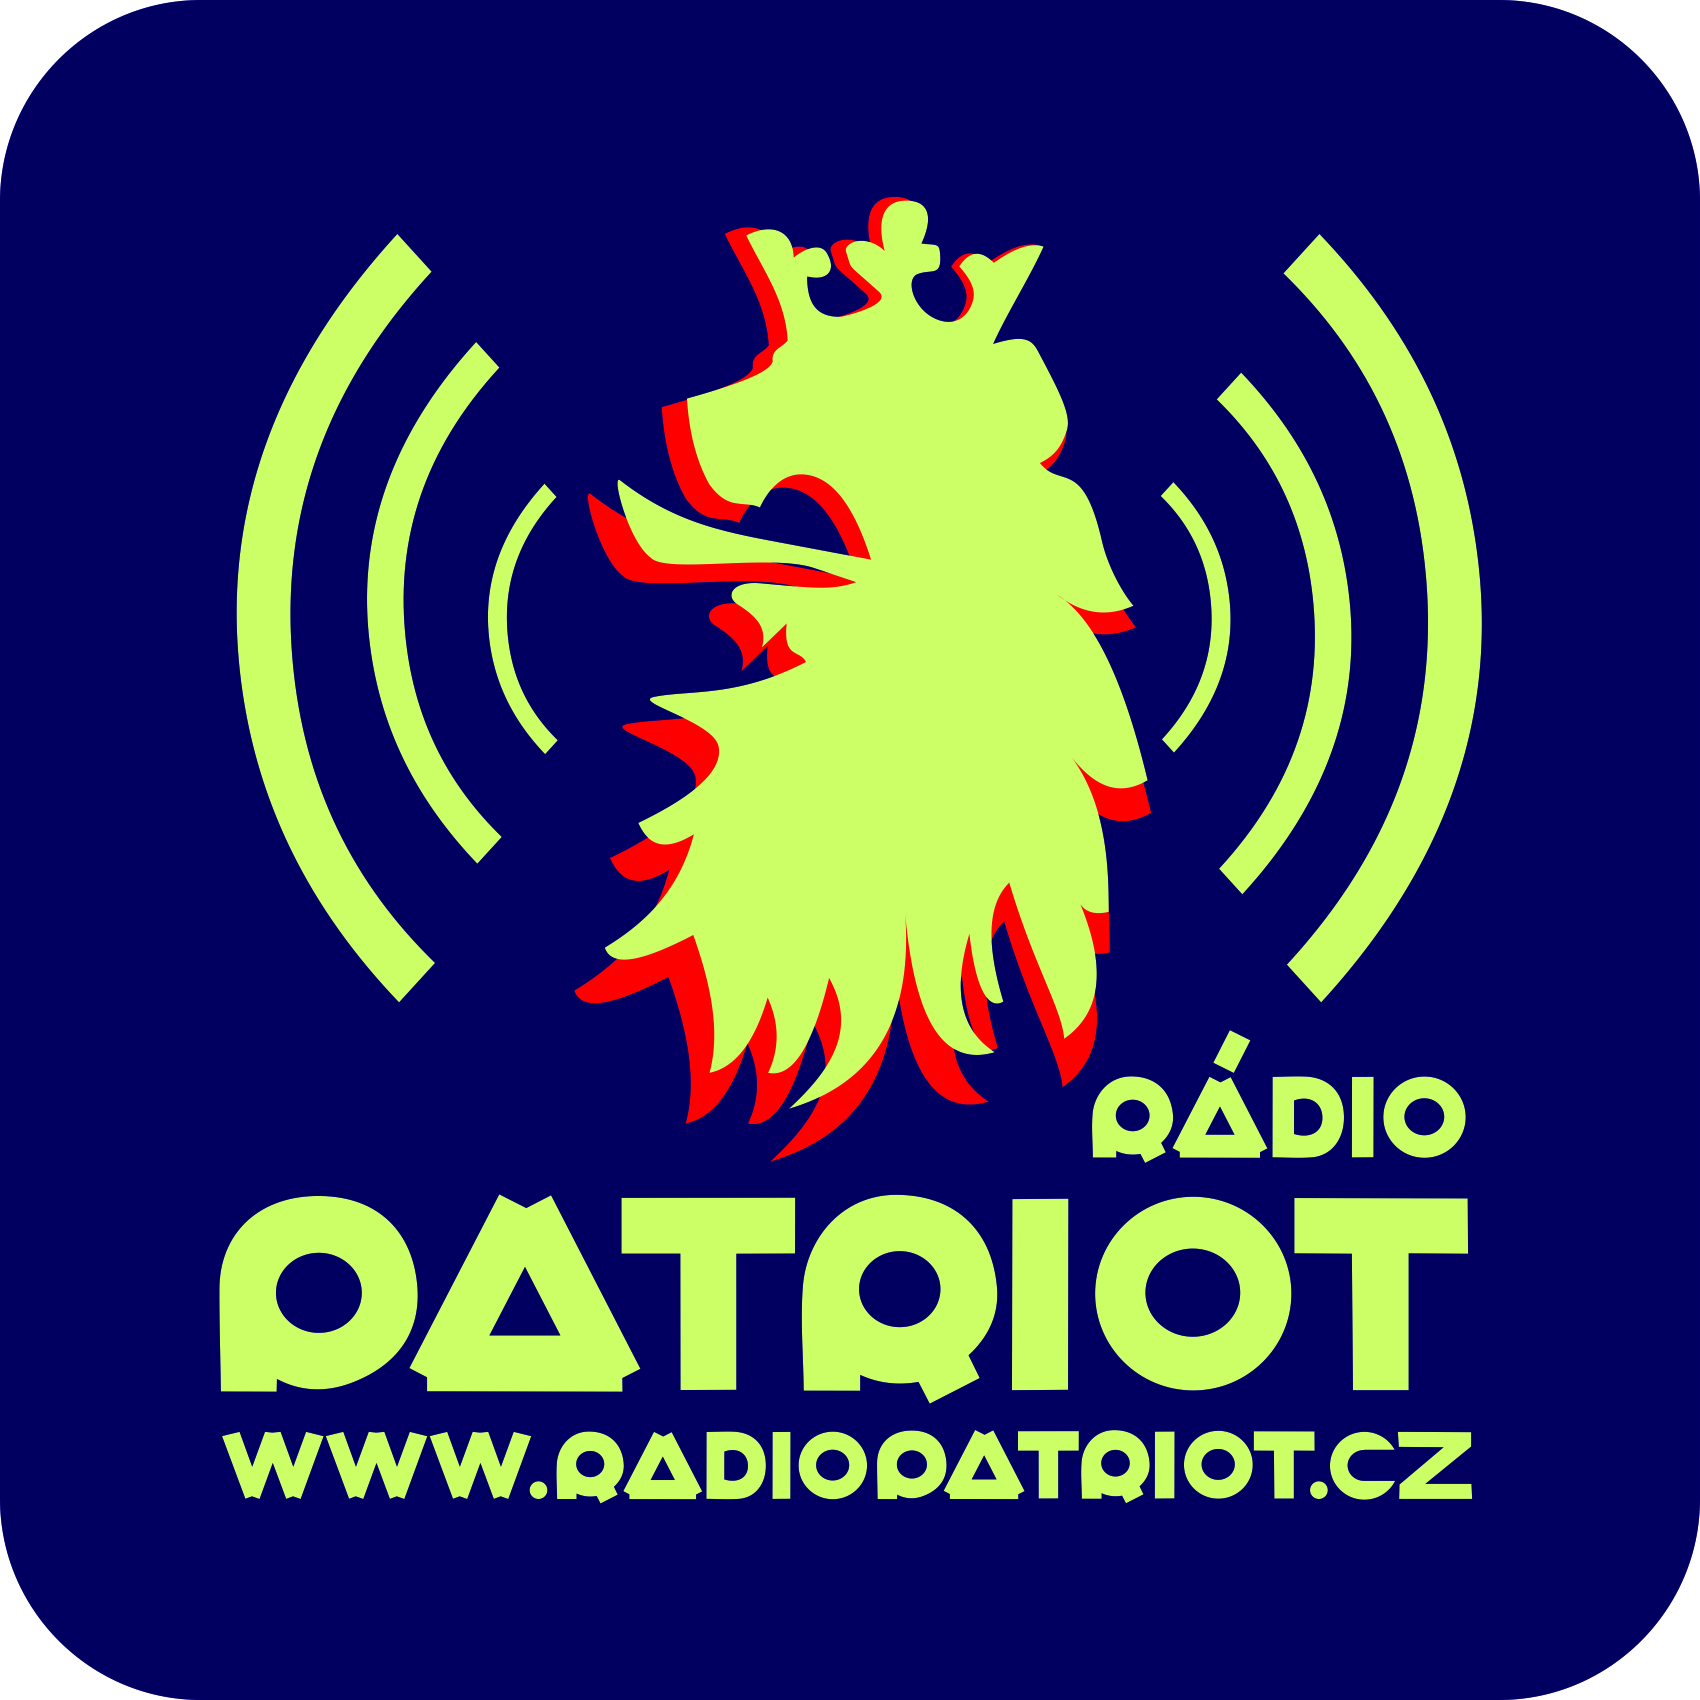 Rádio Patriot - logo